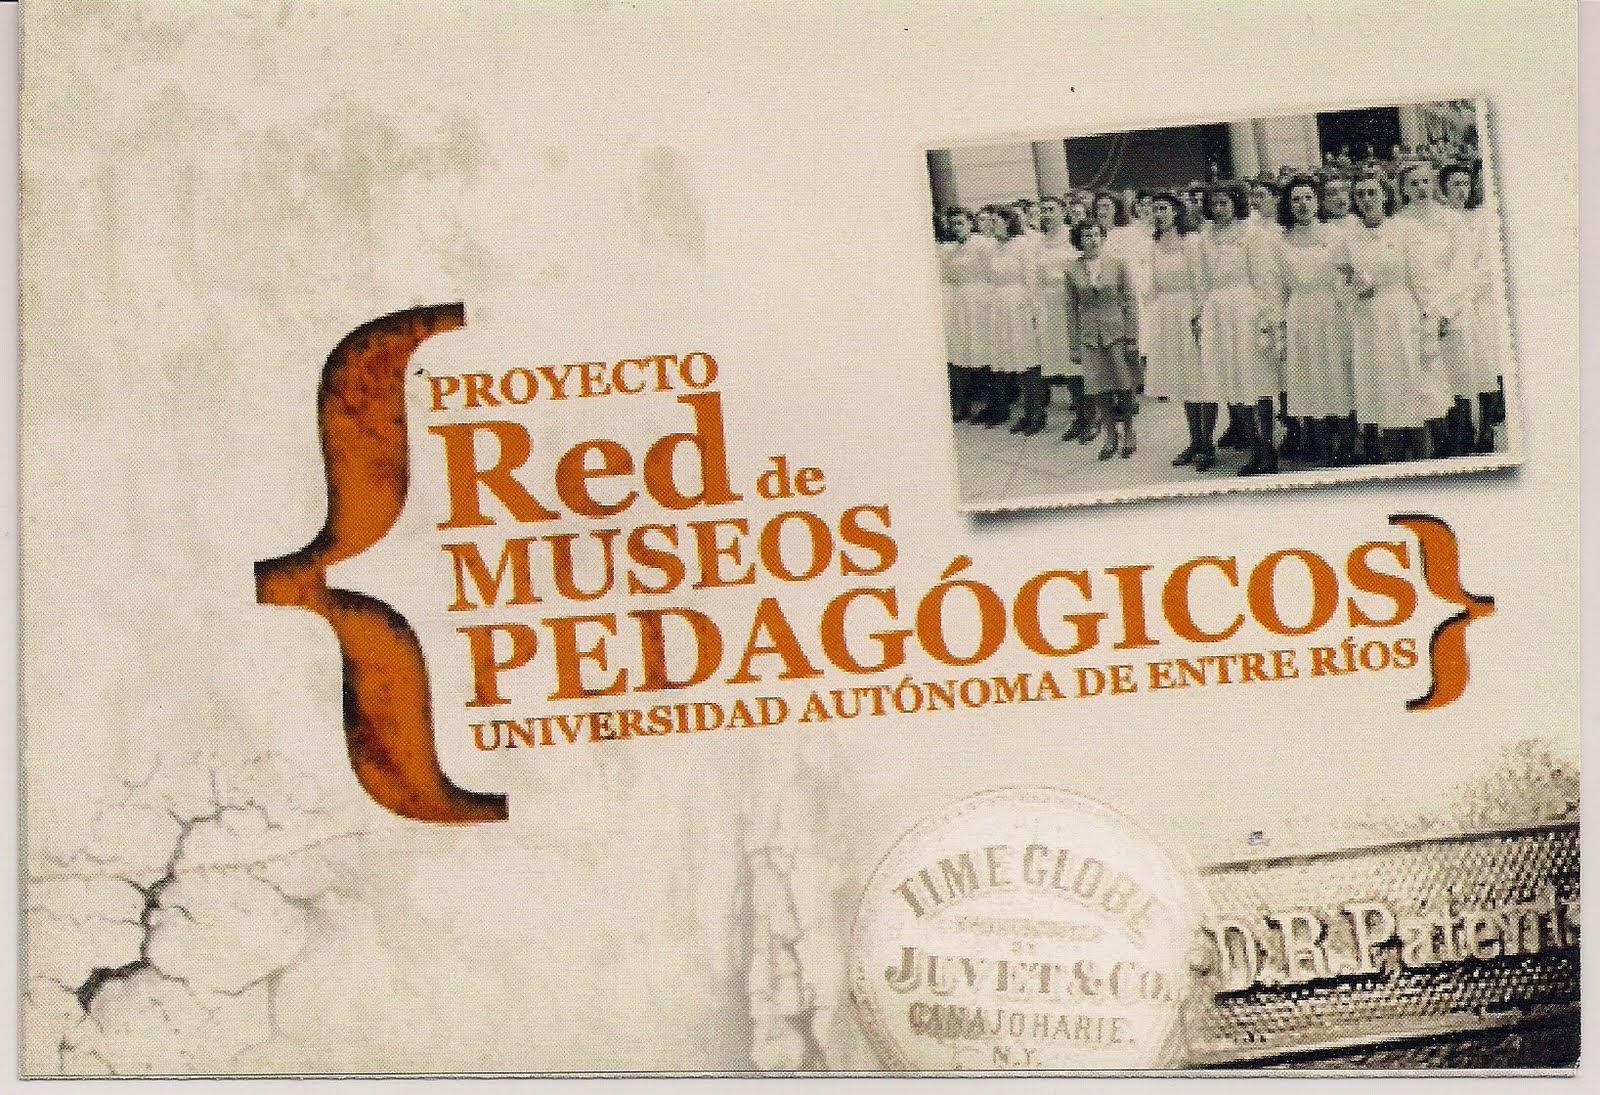 Este Museo es integrante de la Red de Museos Pedagógicos de la UADER